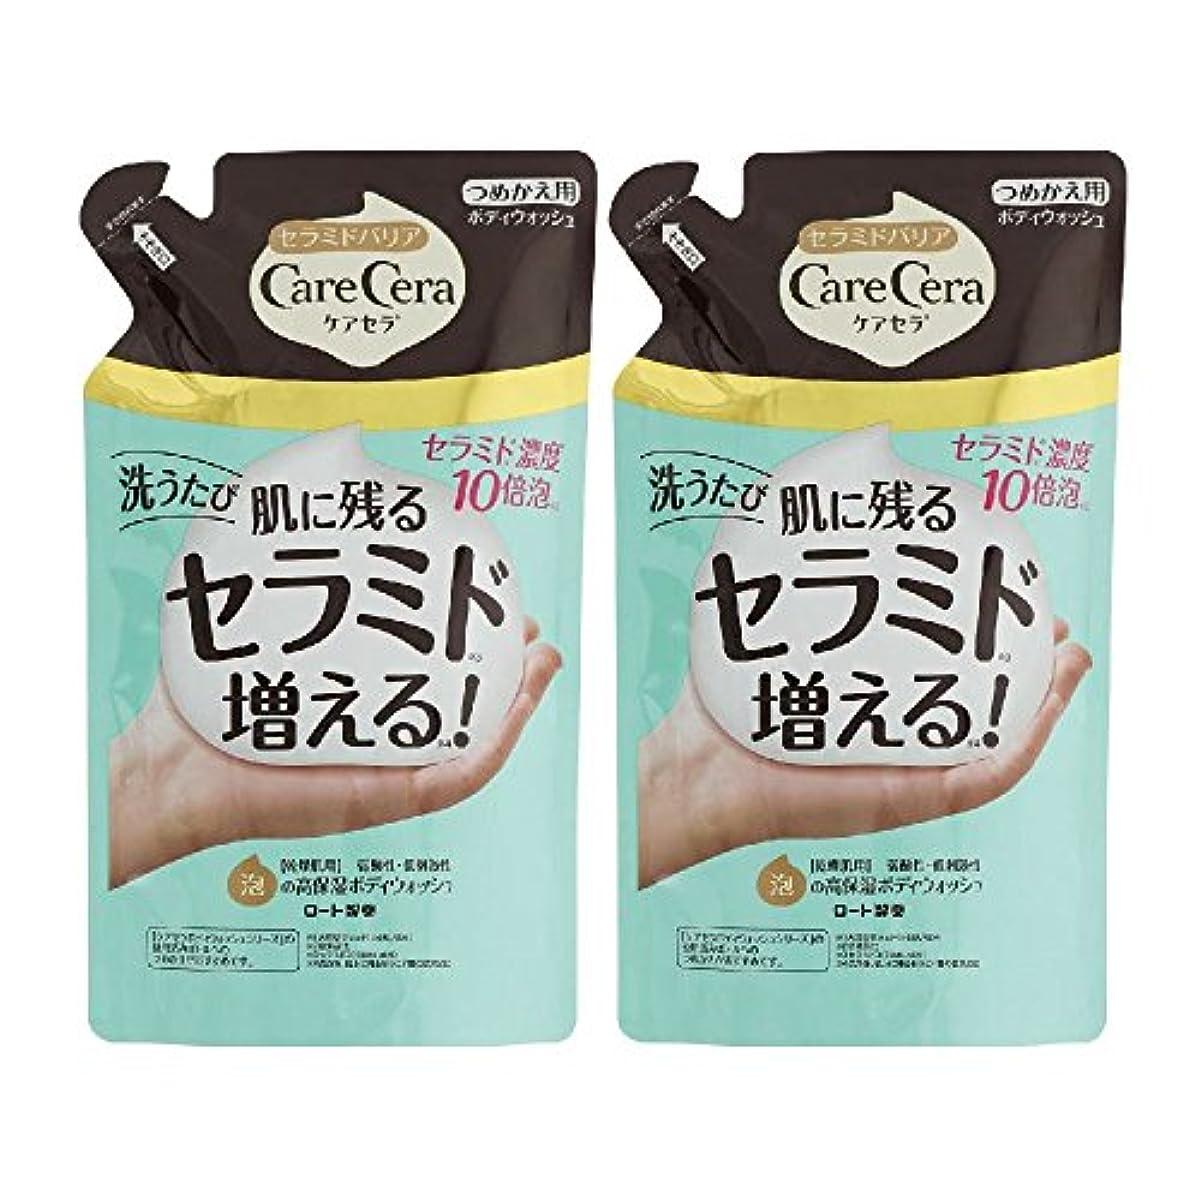 荷物散る水銀のケアセラ (CareCera) 泡の高保湿 ボディウォッシュ ピュアフローラルの香り (つめかえ用) 350mL×2個 ※セバメドモイスチャーローション10mlサンプル付き